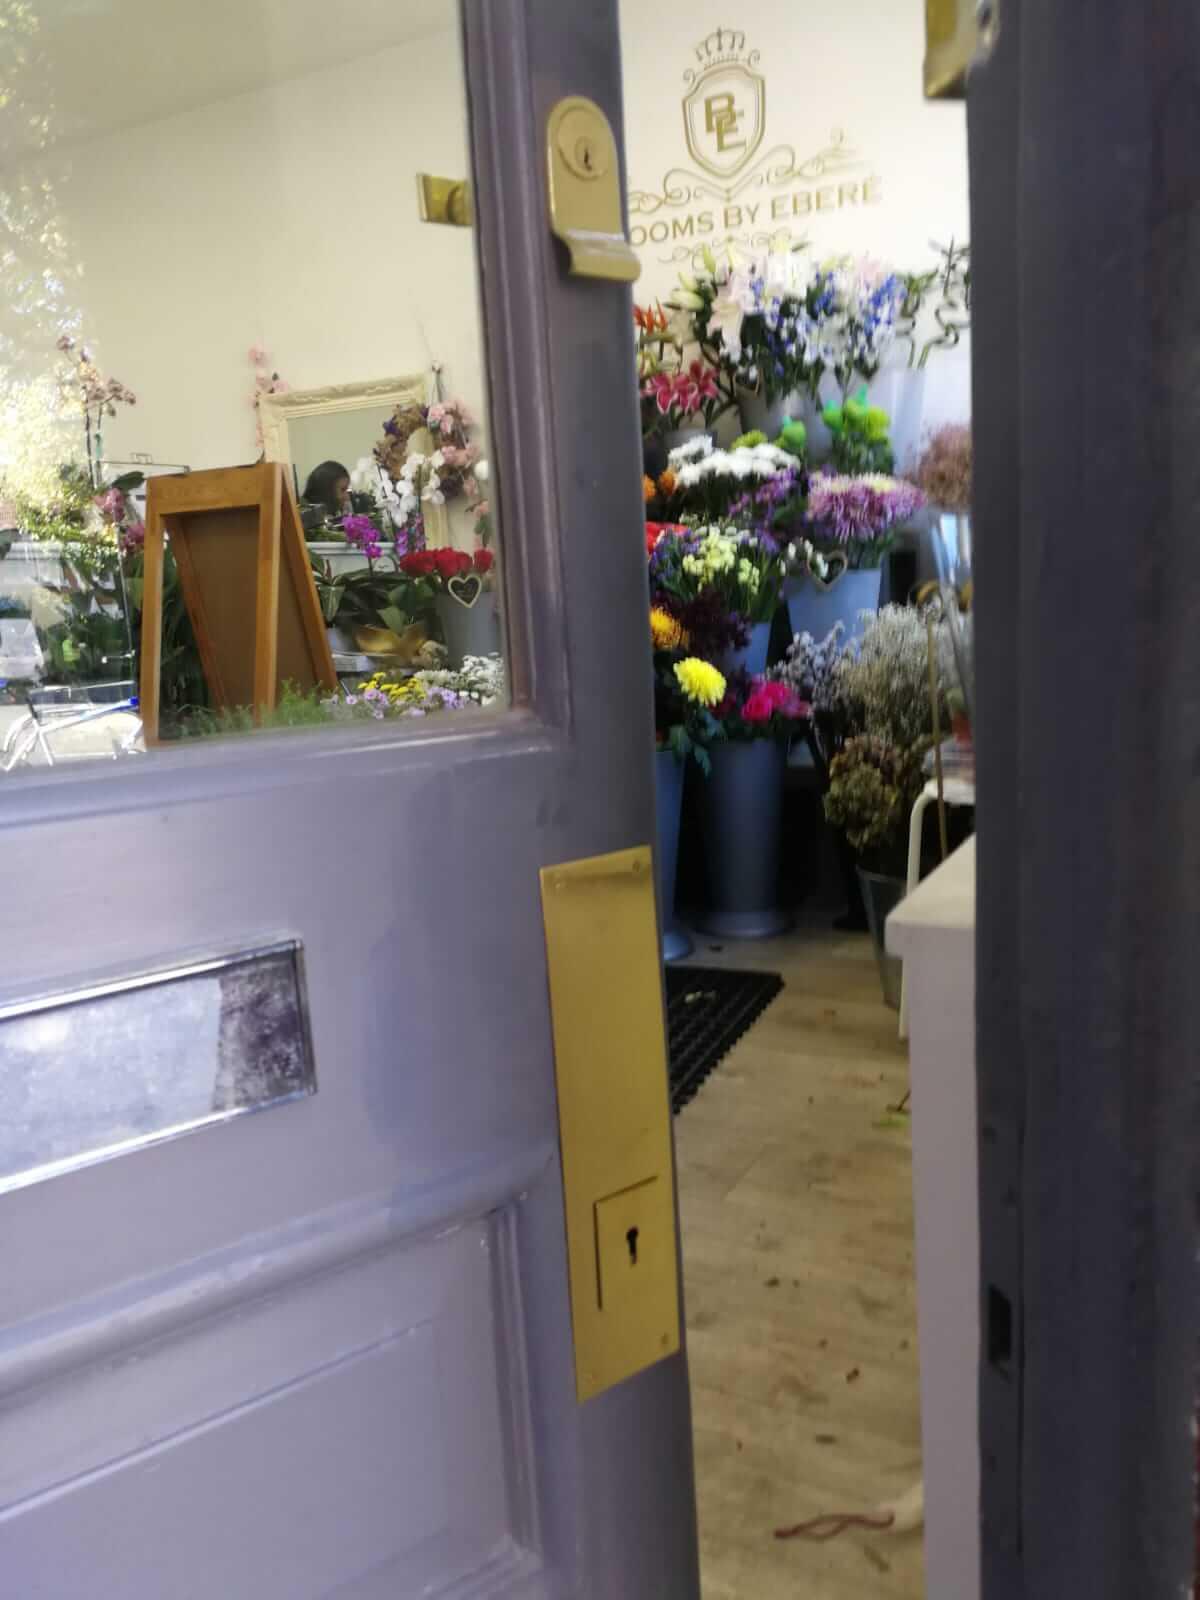 Emergency flower shop break-in